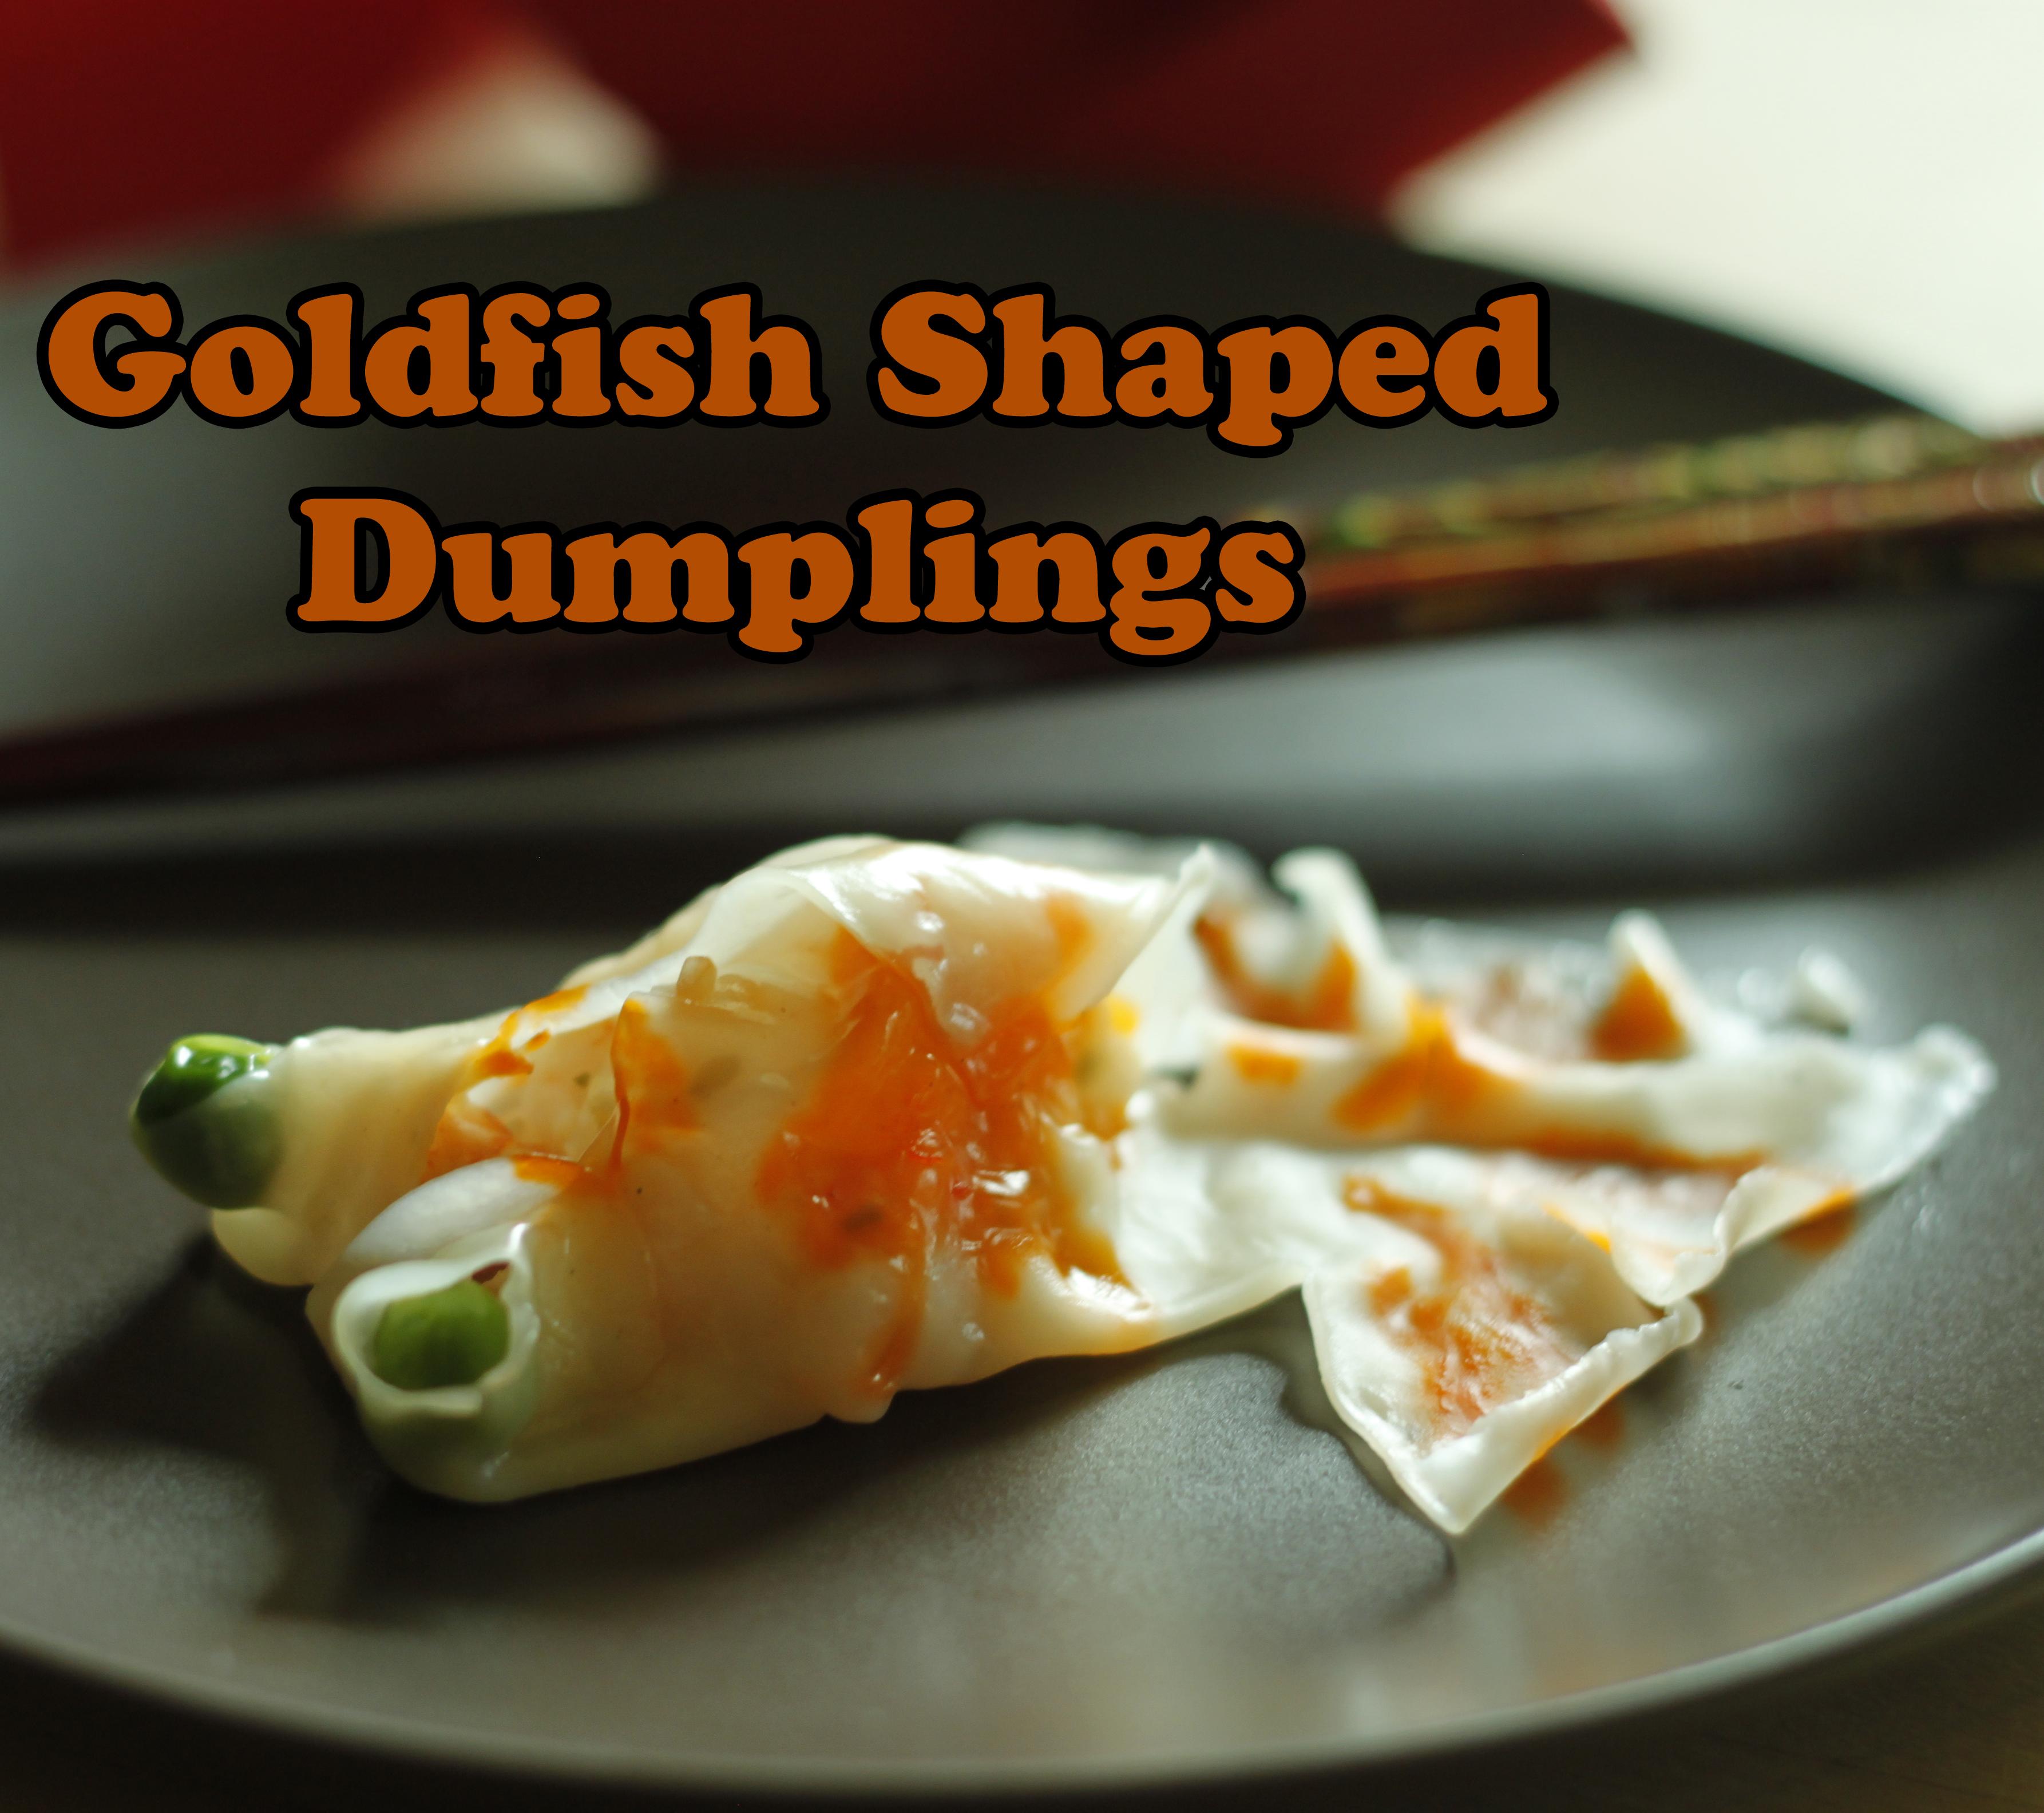 Goldfish Shaped Dumplings